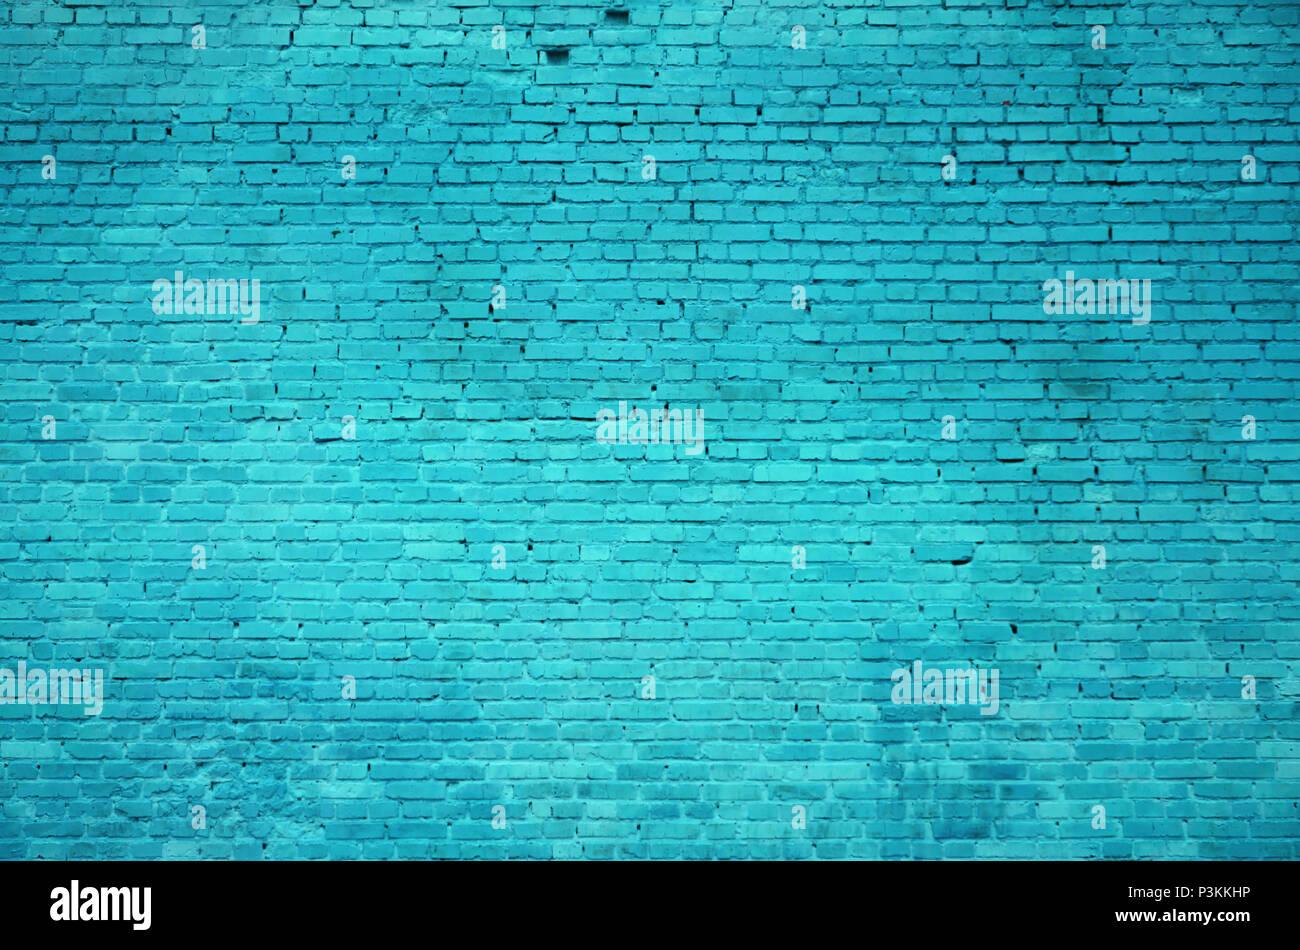 Die Textur Der Mauer Vieler Zeilen Von Ziegeln In Cyan Farbe Lackiert